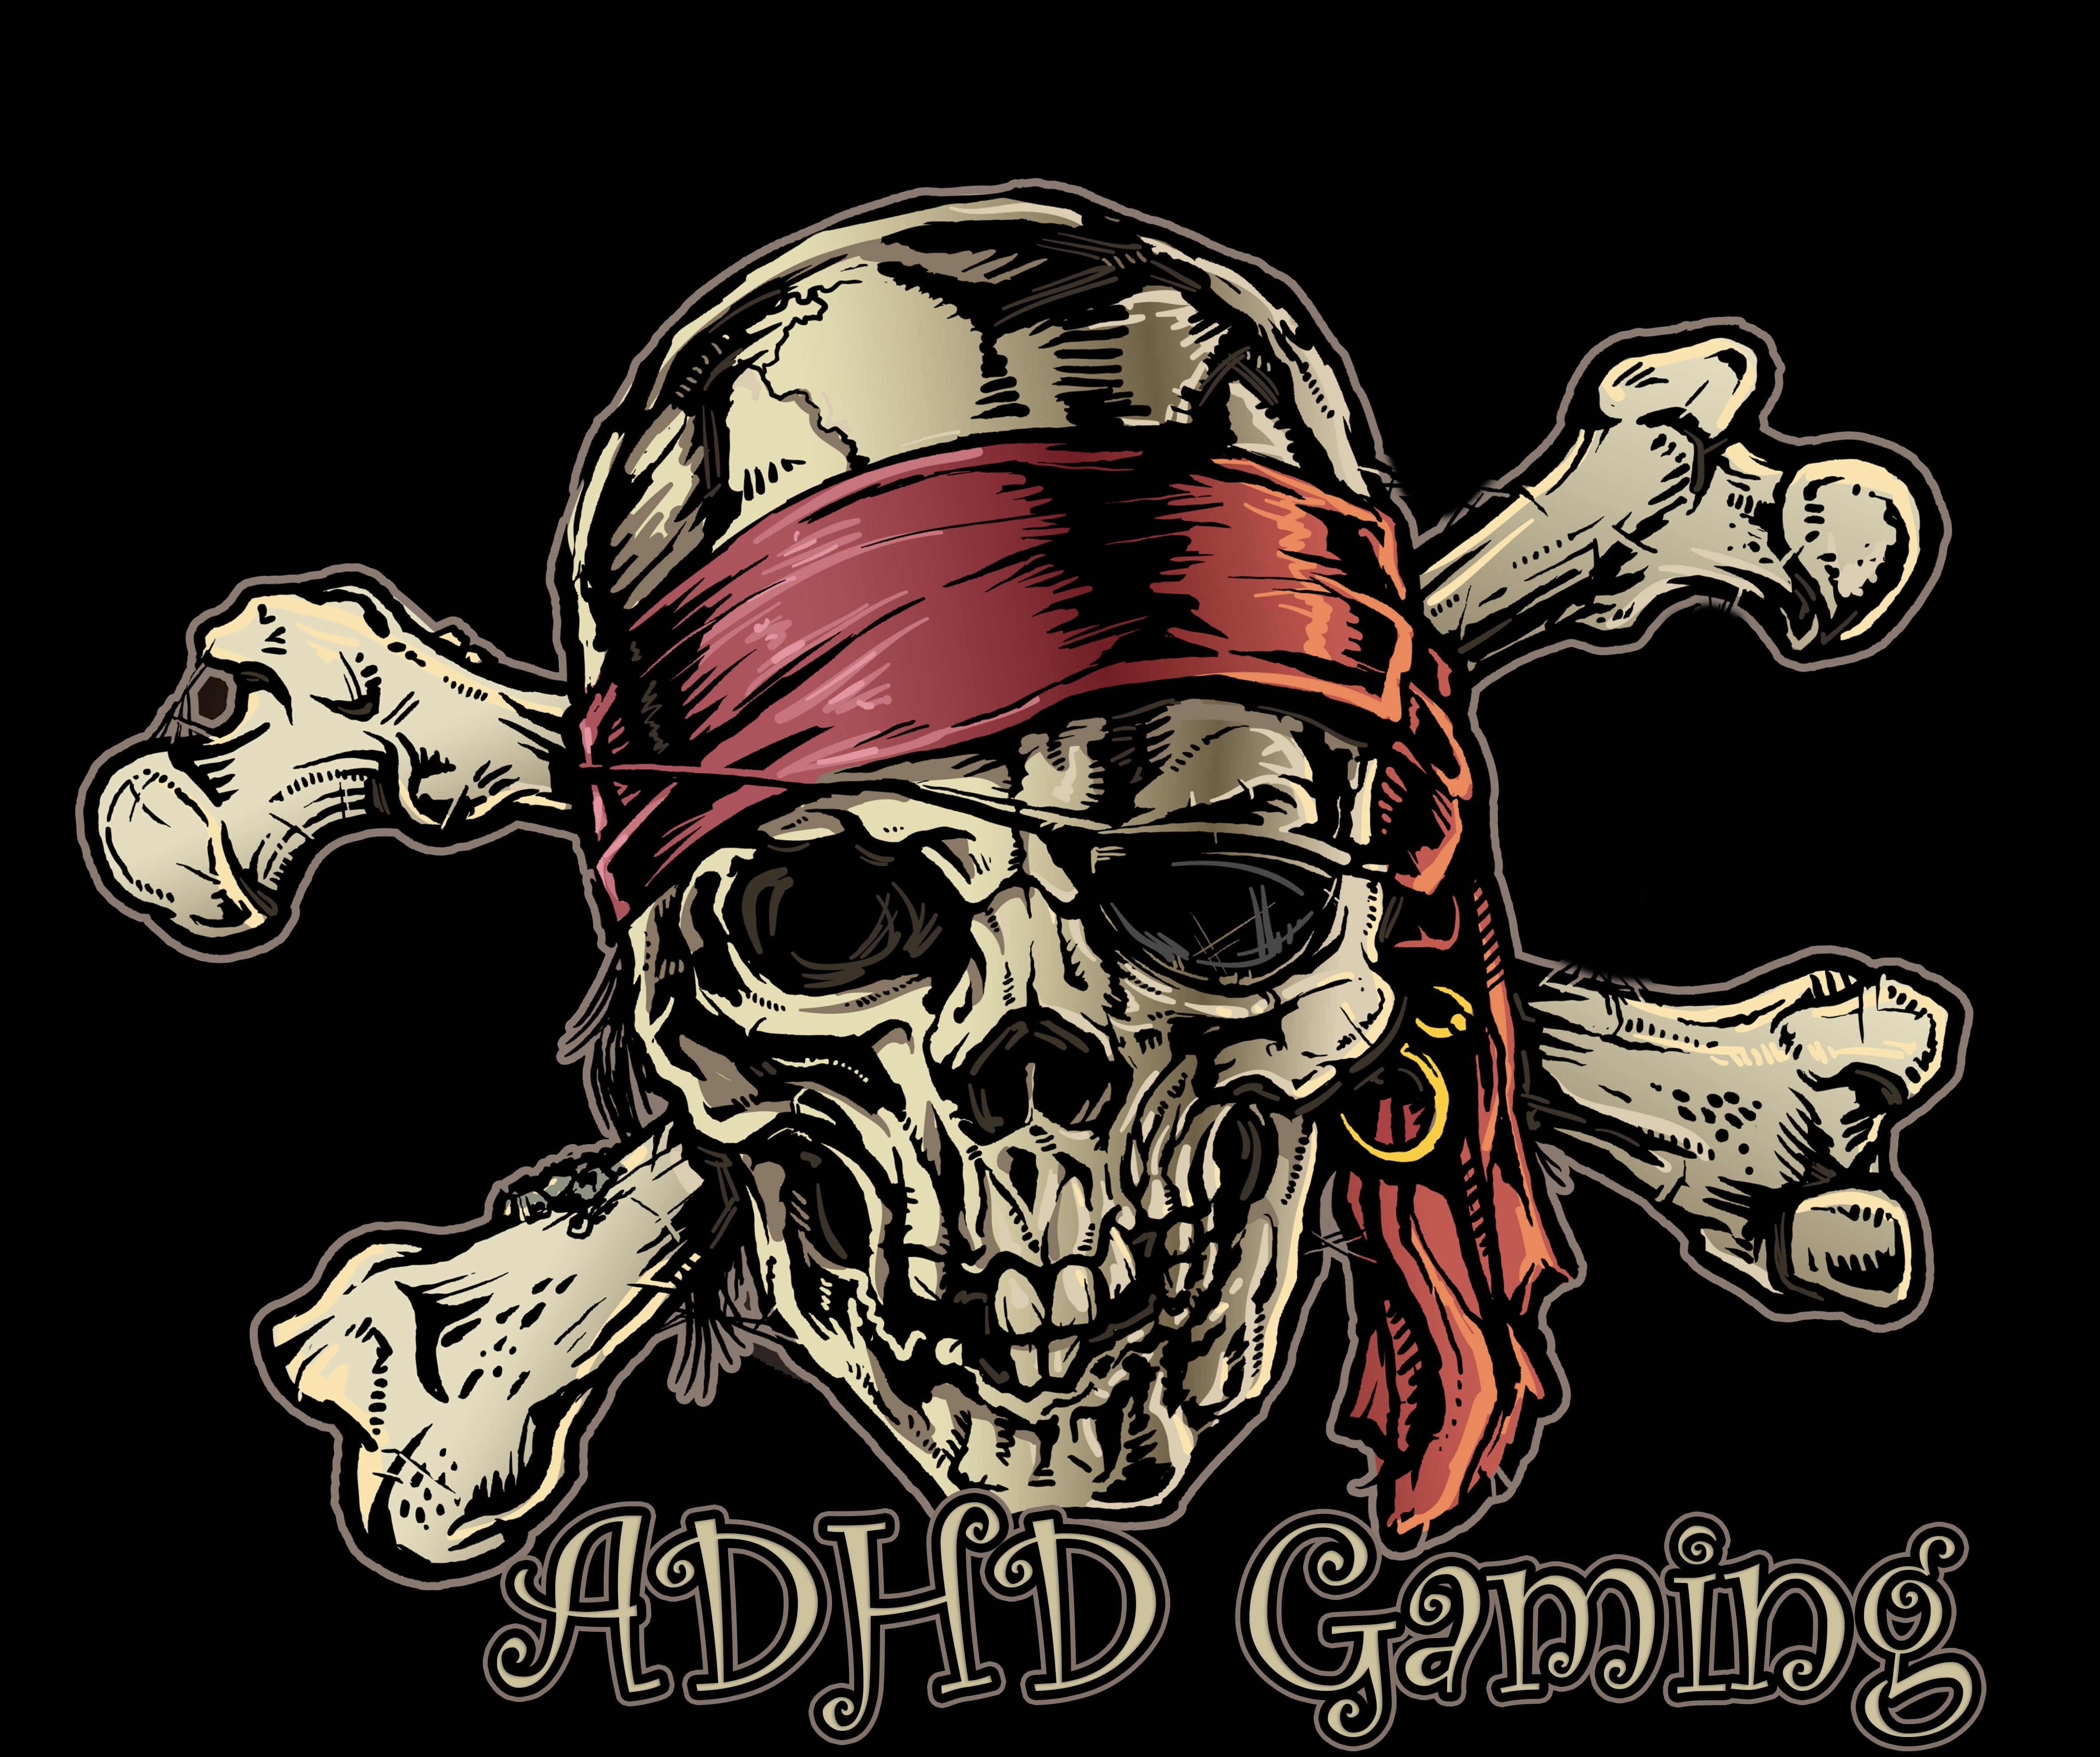 Atlas-pirate-ADHD.png